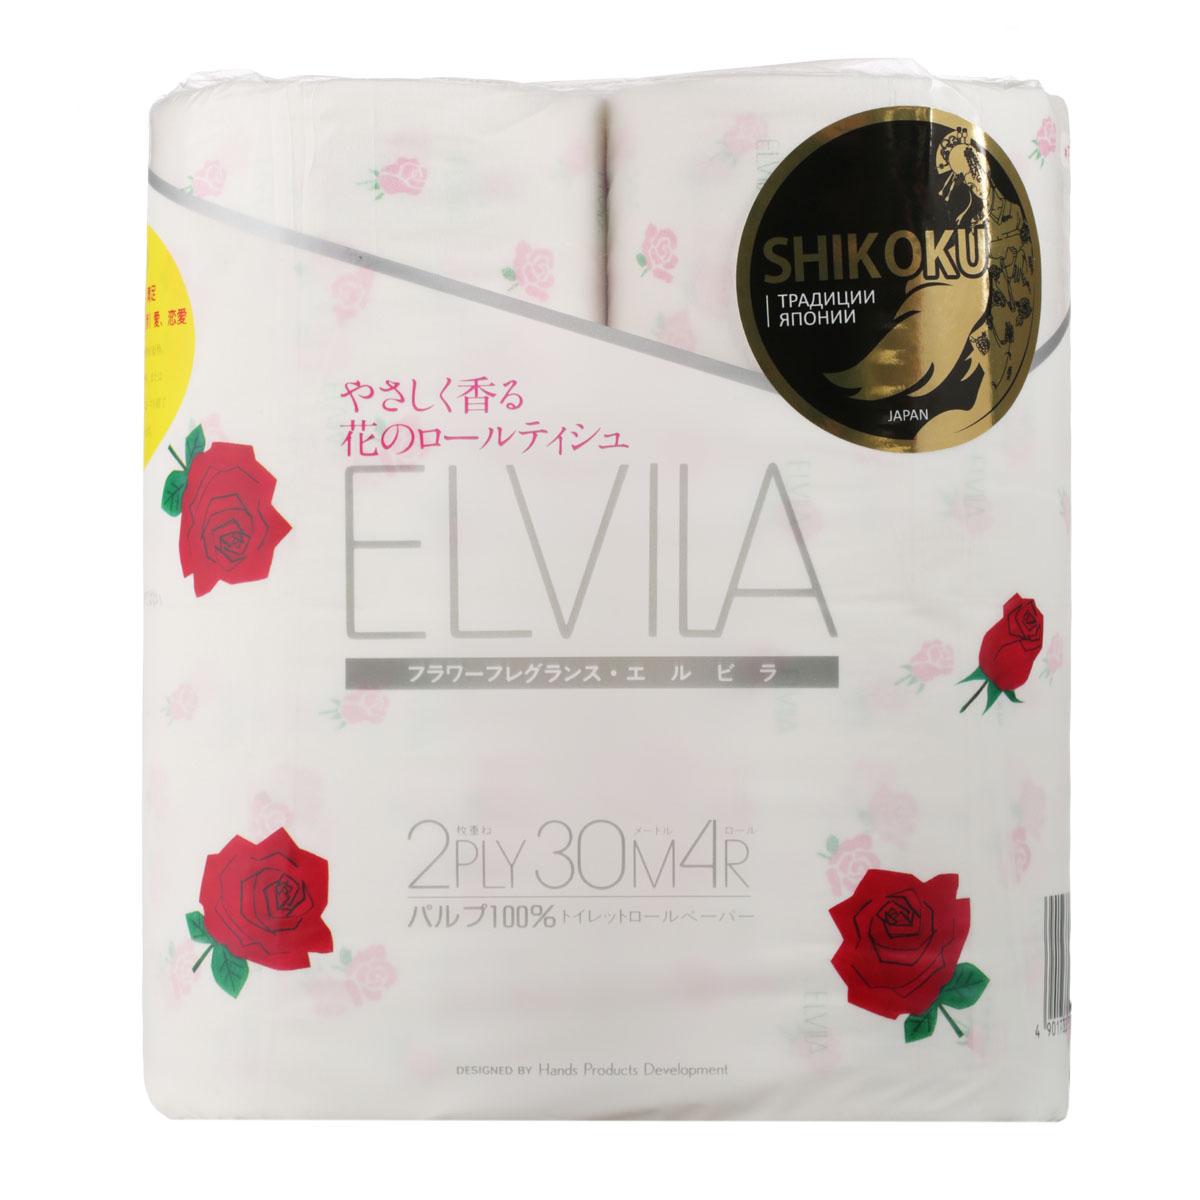 Парфюмированная туалетная бумага Shikoku Elvila, 2-х слойная, 4 рулонаTF-14AU-12Туалетная бумага Shikoku серии «Elvila» представлена изысканным ароматом розы.По сравнению с синтетическим запахом обычной ароматизированной бумаги, ароматы Shikoku Tokushi – природные, изысканные и утонченные./ Также при производстве бумаги используется 100% целлюлоза, которая прошла тщательный отбор и особую обработку, а многолетний опыт сотрудников копании гарантирует высокое качество туалетной бумаги Shikoku Tokushi./ Туалетная бумага Серии «Elvila» мгновенно впитывает даже большое количество воды, поскольку между слоями бумаги есть воздушное пространство, что позволяет сократить объемы используемой бумаги на треть, а глубокие линии тиснения обеспечивают надежное соединение слоев и прочность бумаги./ Туалетная бумага Shikoku изготовлена из природных материалов и воды из источников Ниёдогава. /Состав: натуральная 100% целлюлоза./Срок годности не ограничен.